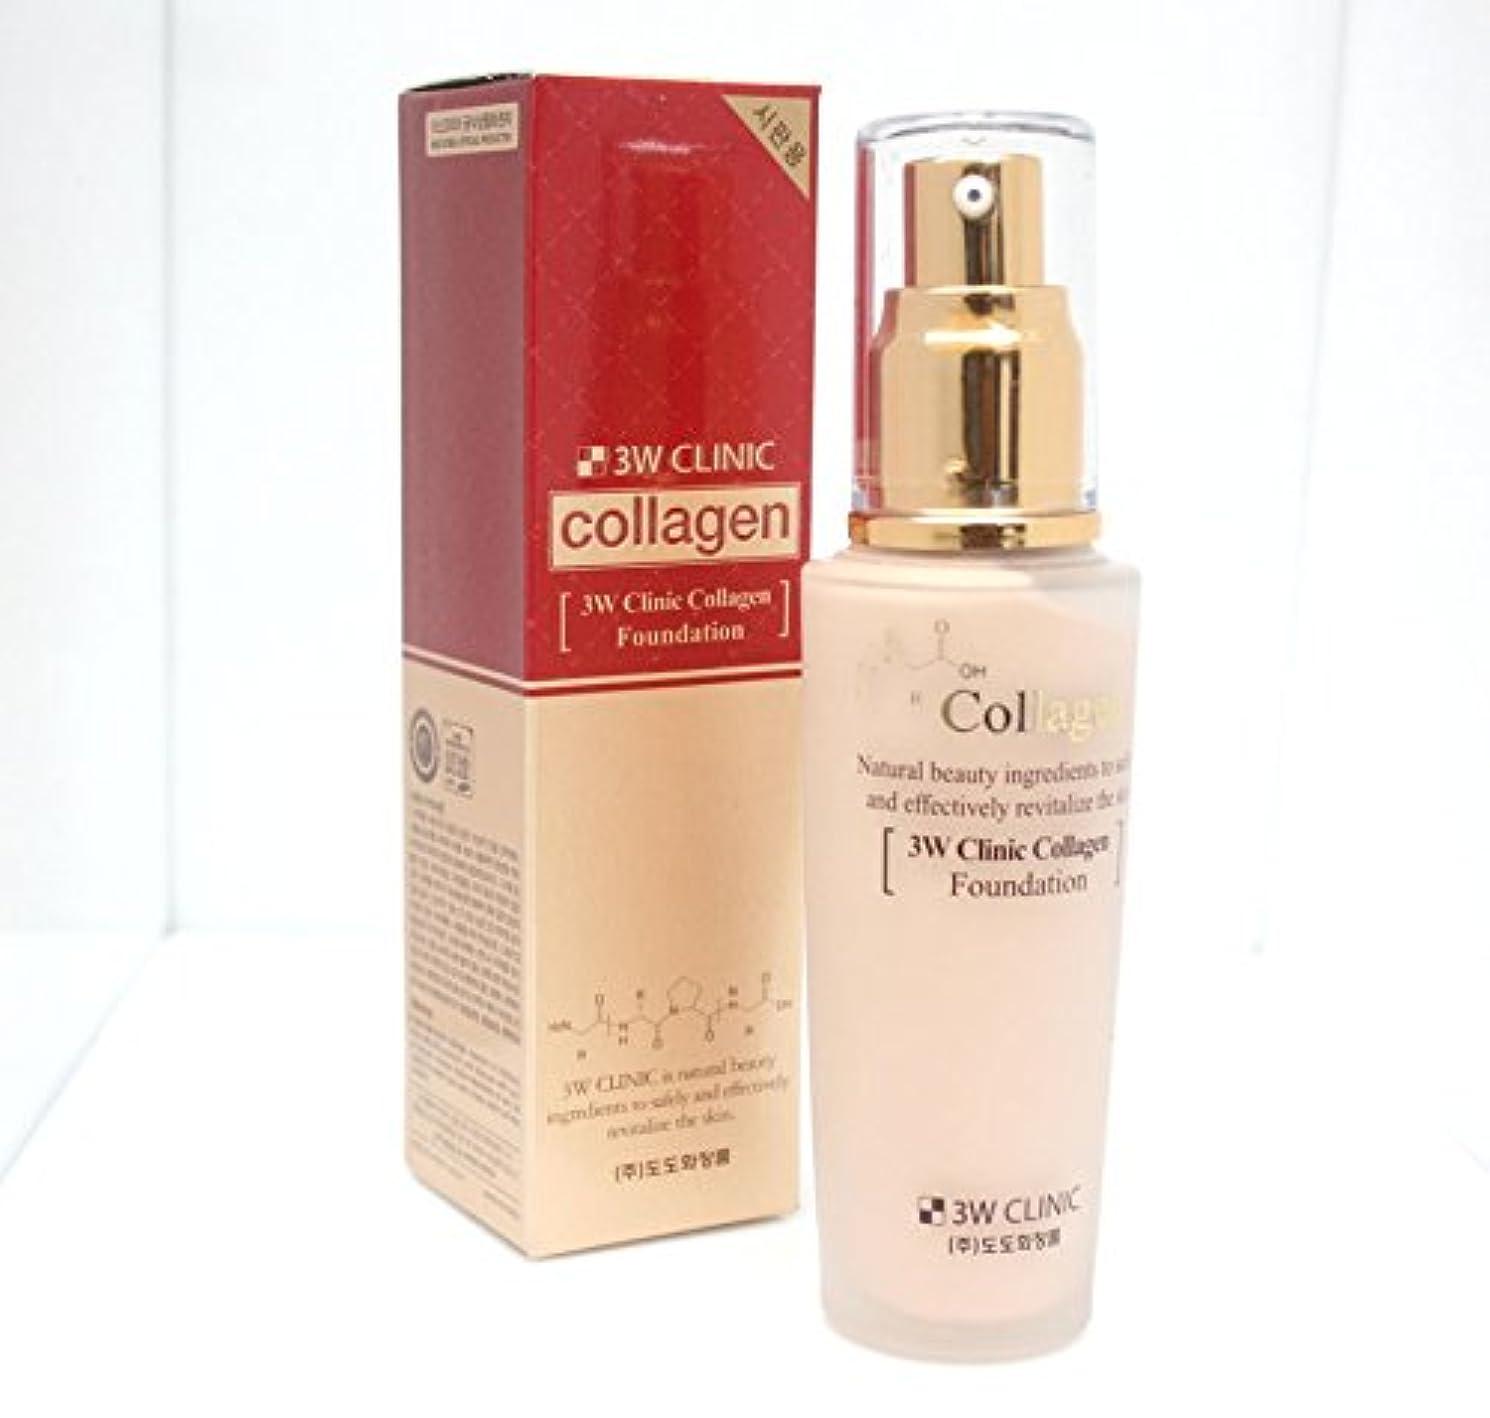 わかるスキッパー写真撮影[3w Clinic]  コラーゲンファンデーション50ml / Collagen Foundation 50ml/ パーフェクトカバーBBクリーム / 21クリアベージュ / Perfect Cover BB Cream...